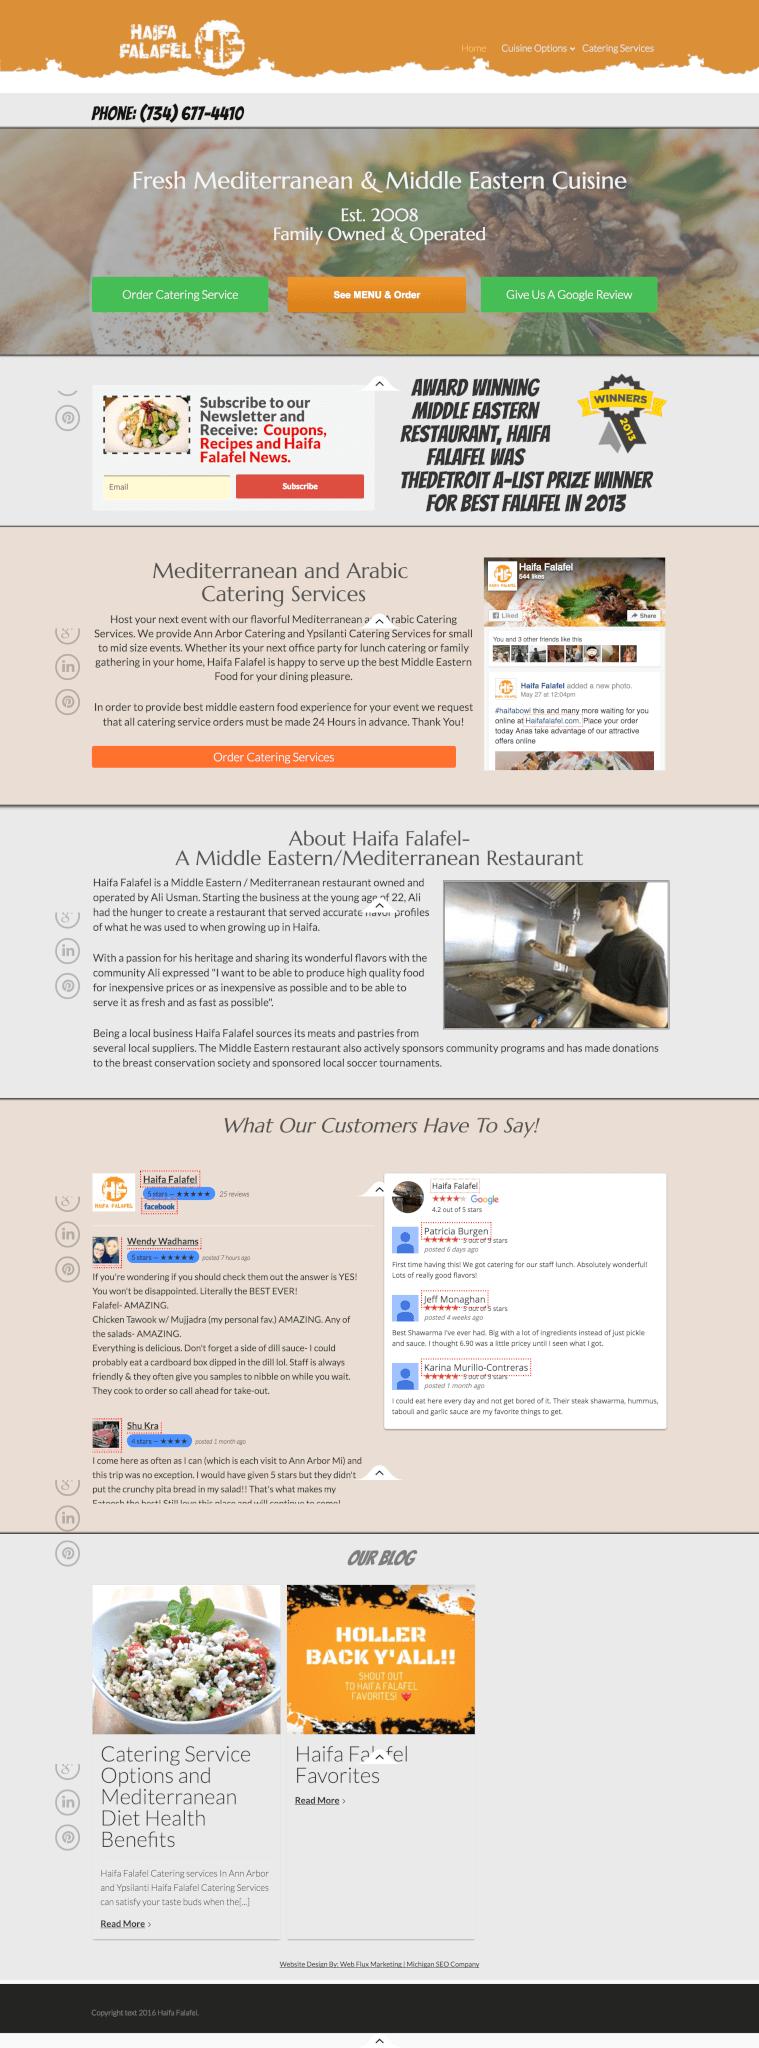 Web design seo ppc flux michigan marketing company